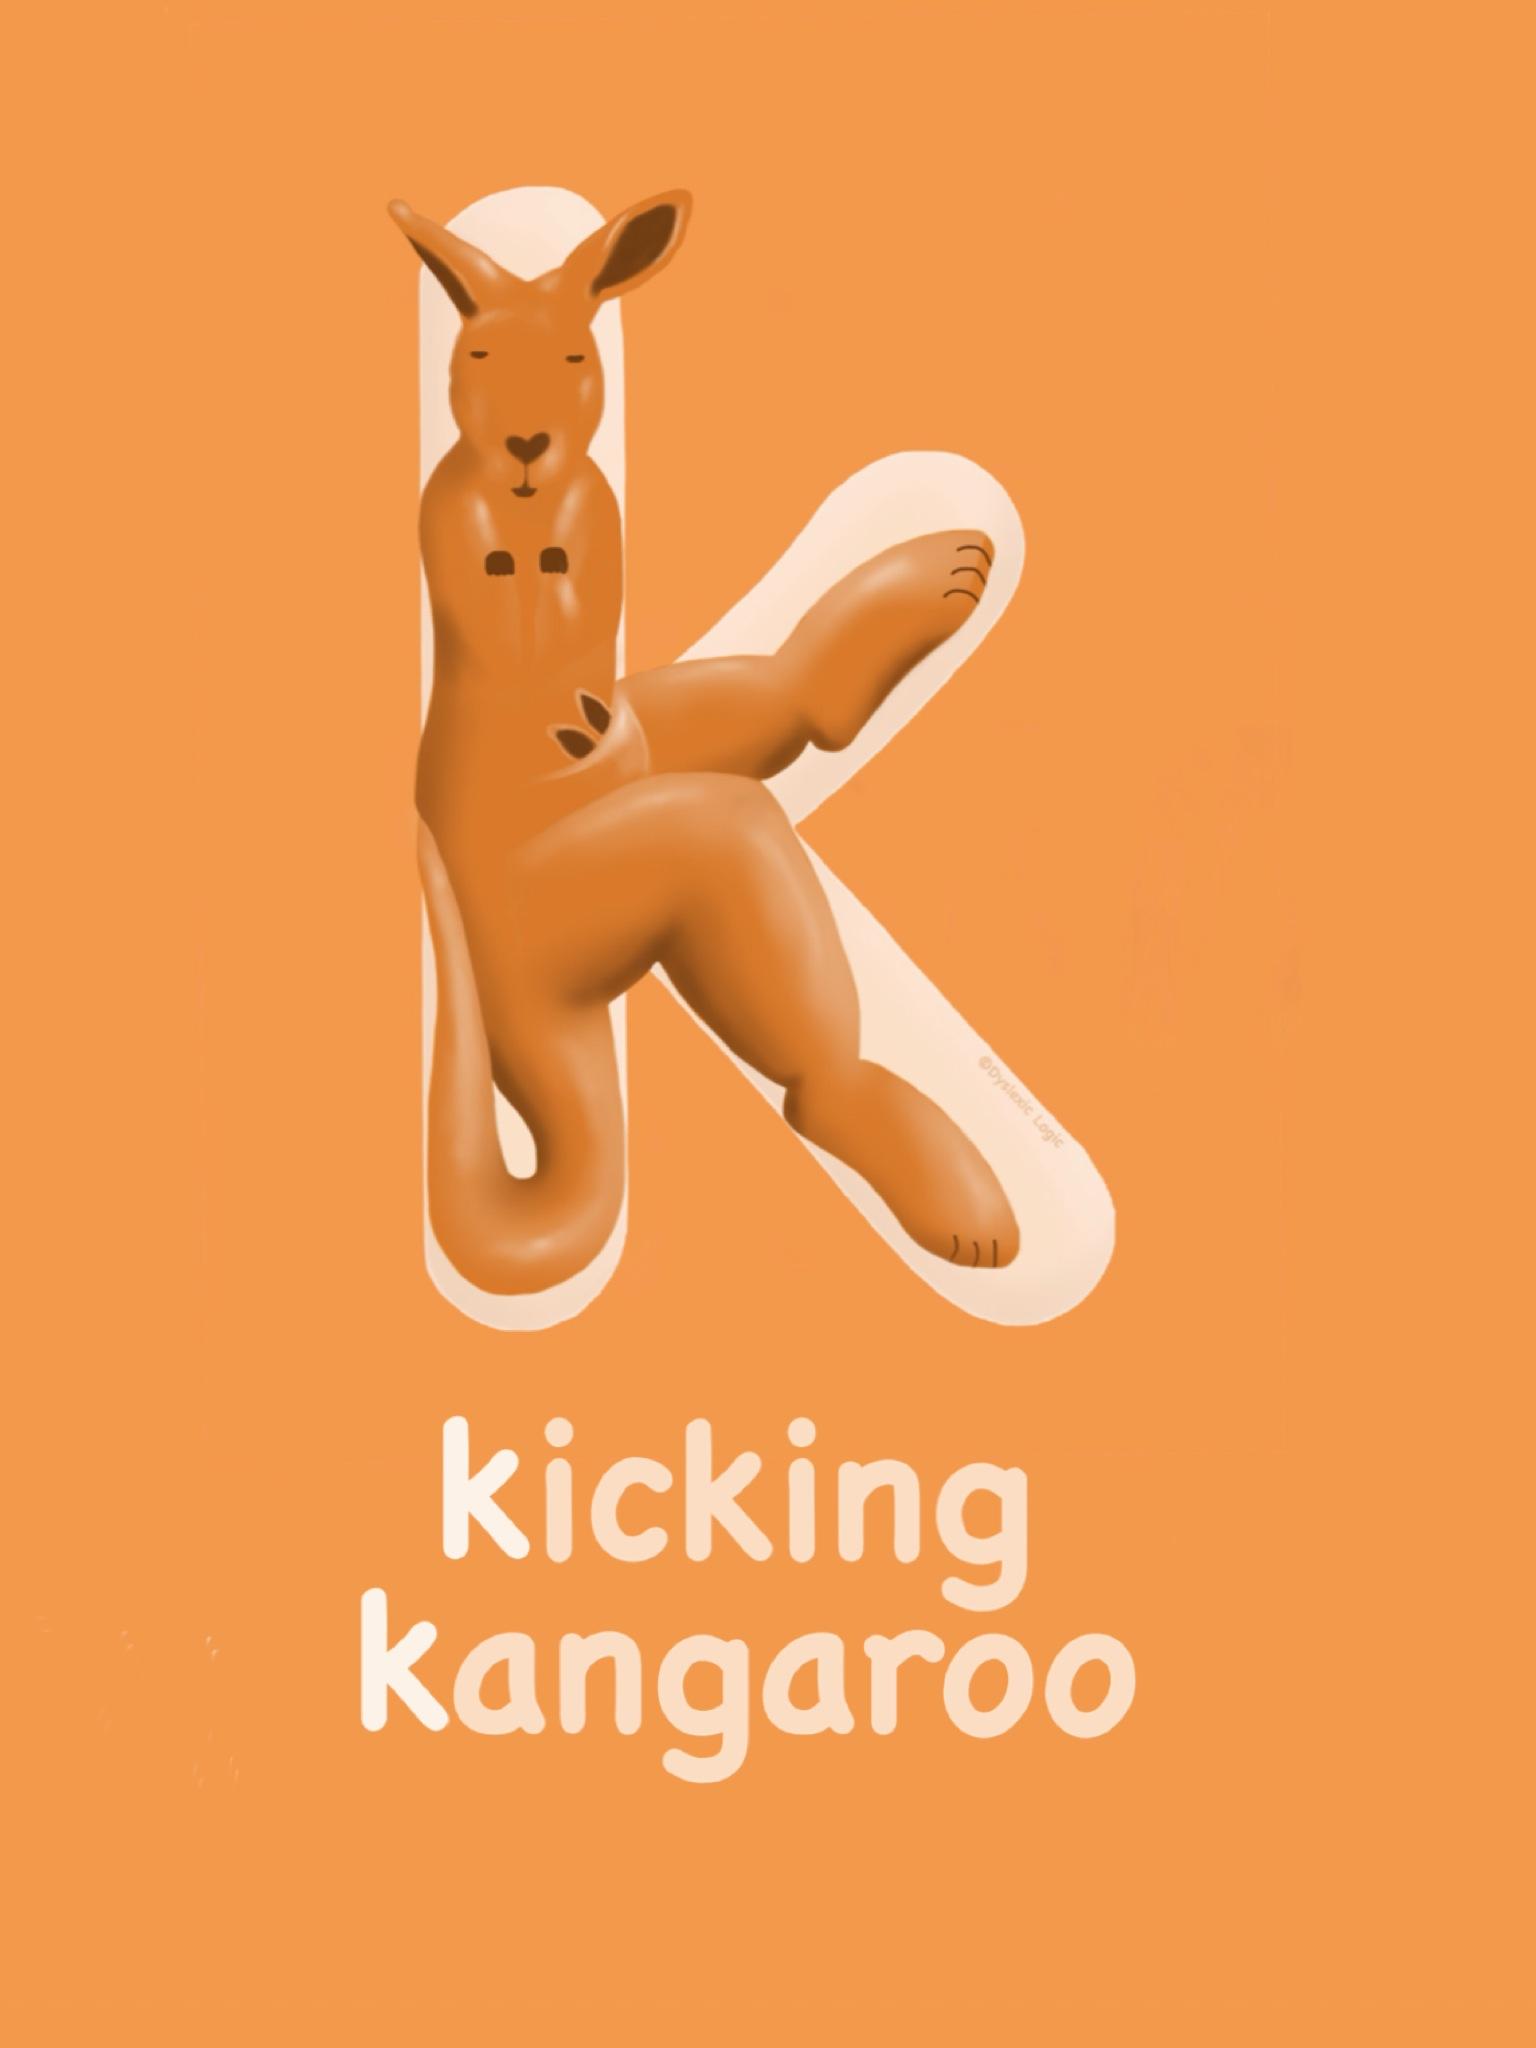 Letter K- Kicking Kangaroo